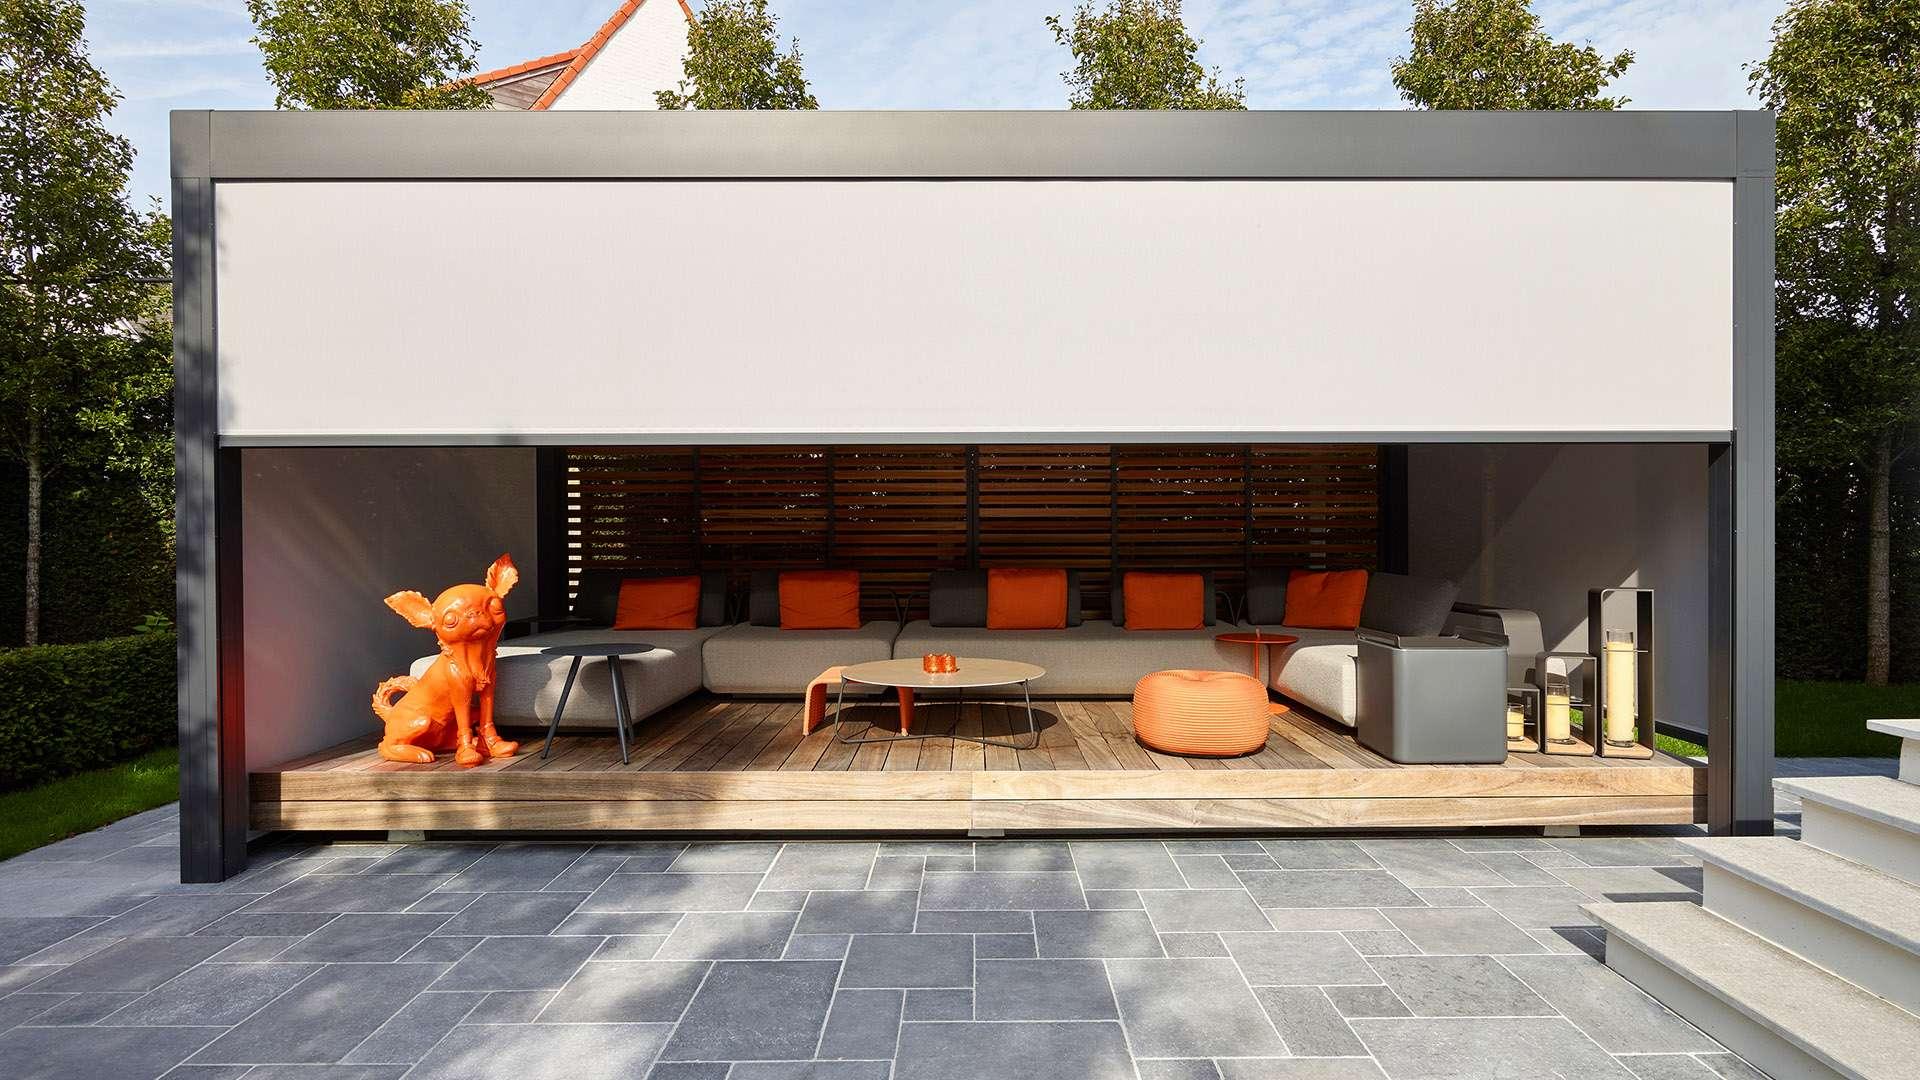 Camargue Lamellendach mit Sitzmöbeln auf einer Terrasse